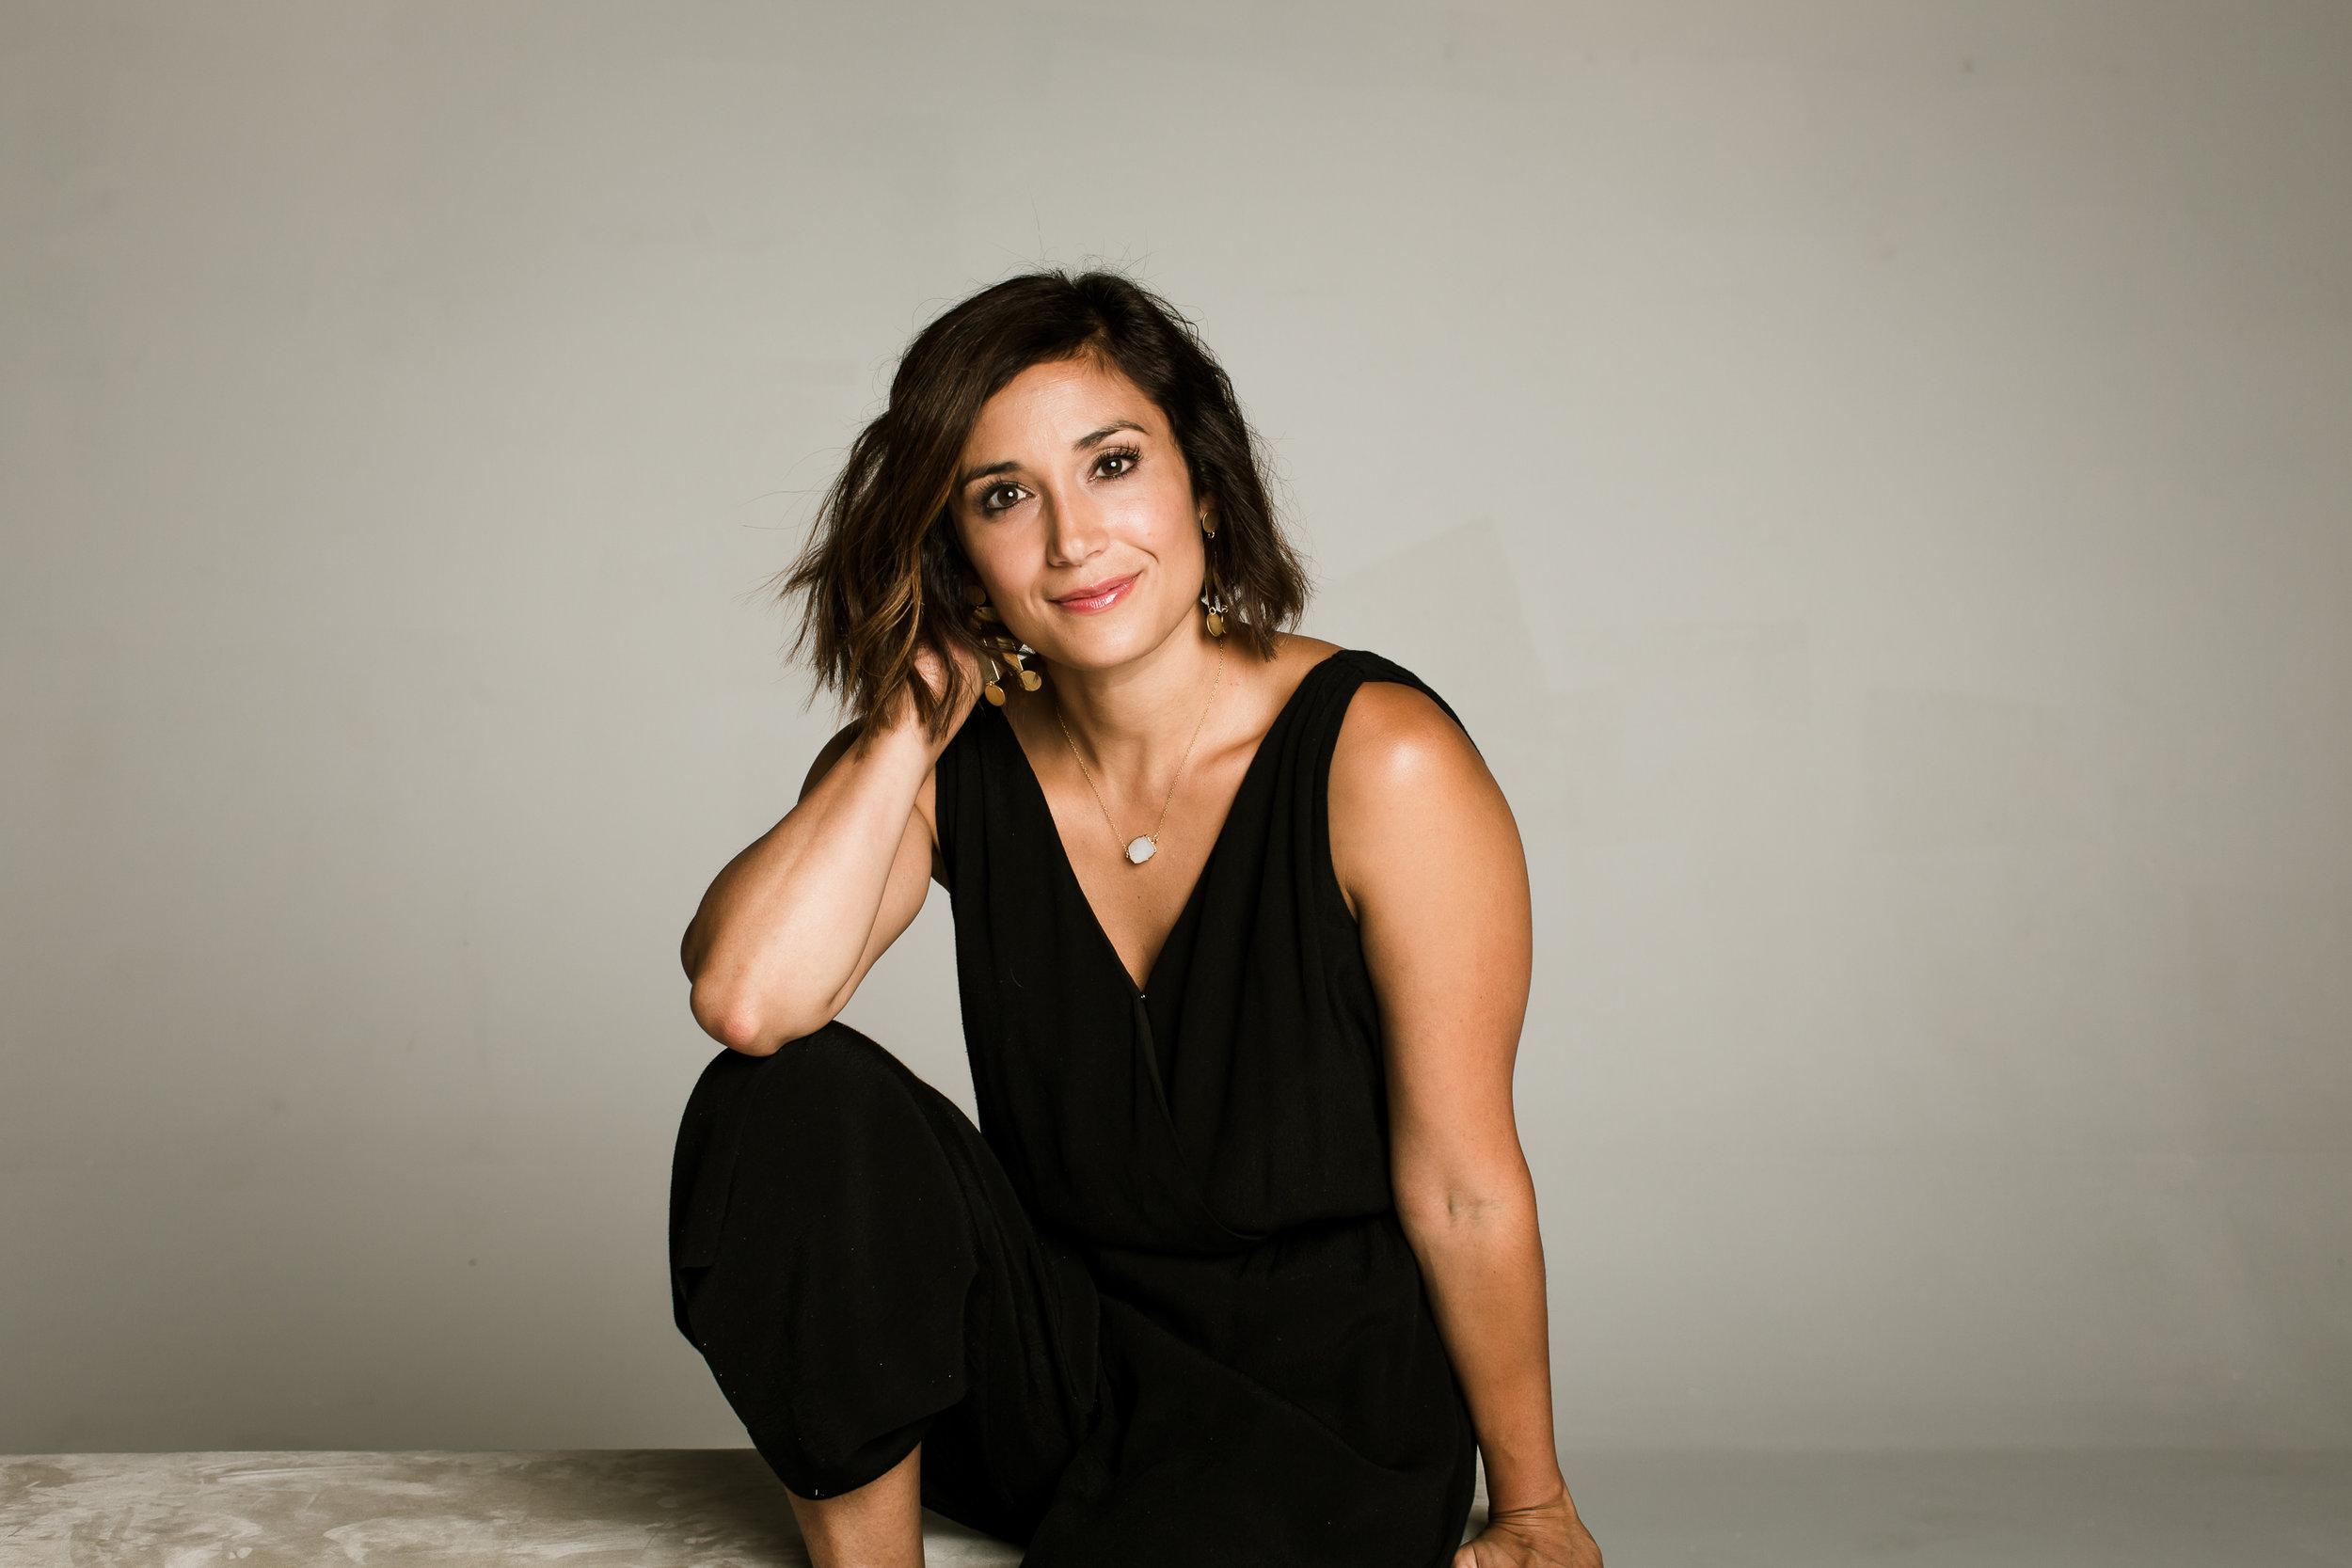 Gianna Keiko Atlanta Family Studio Portrait Photographer-10.jpg